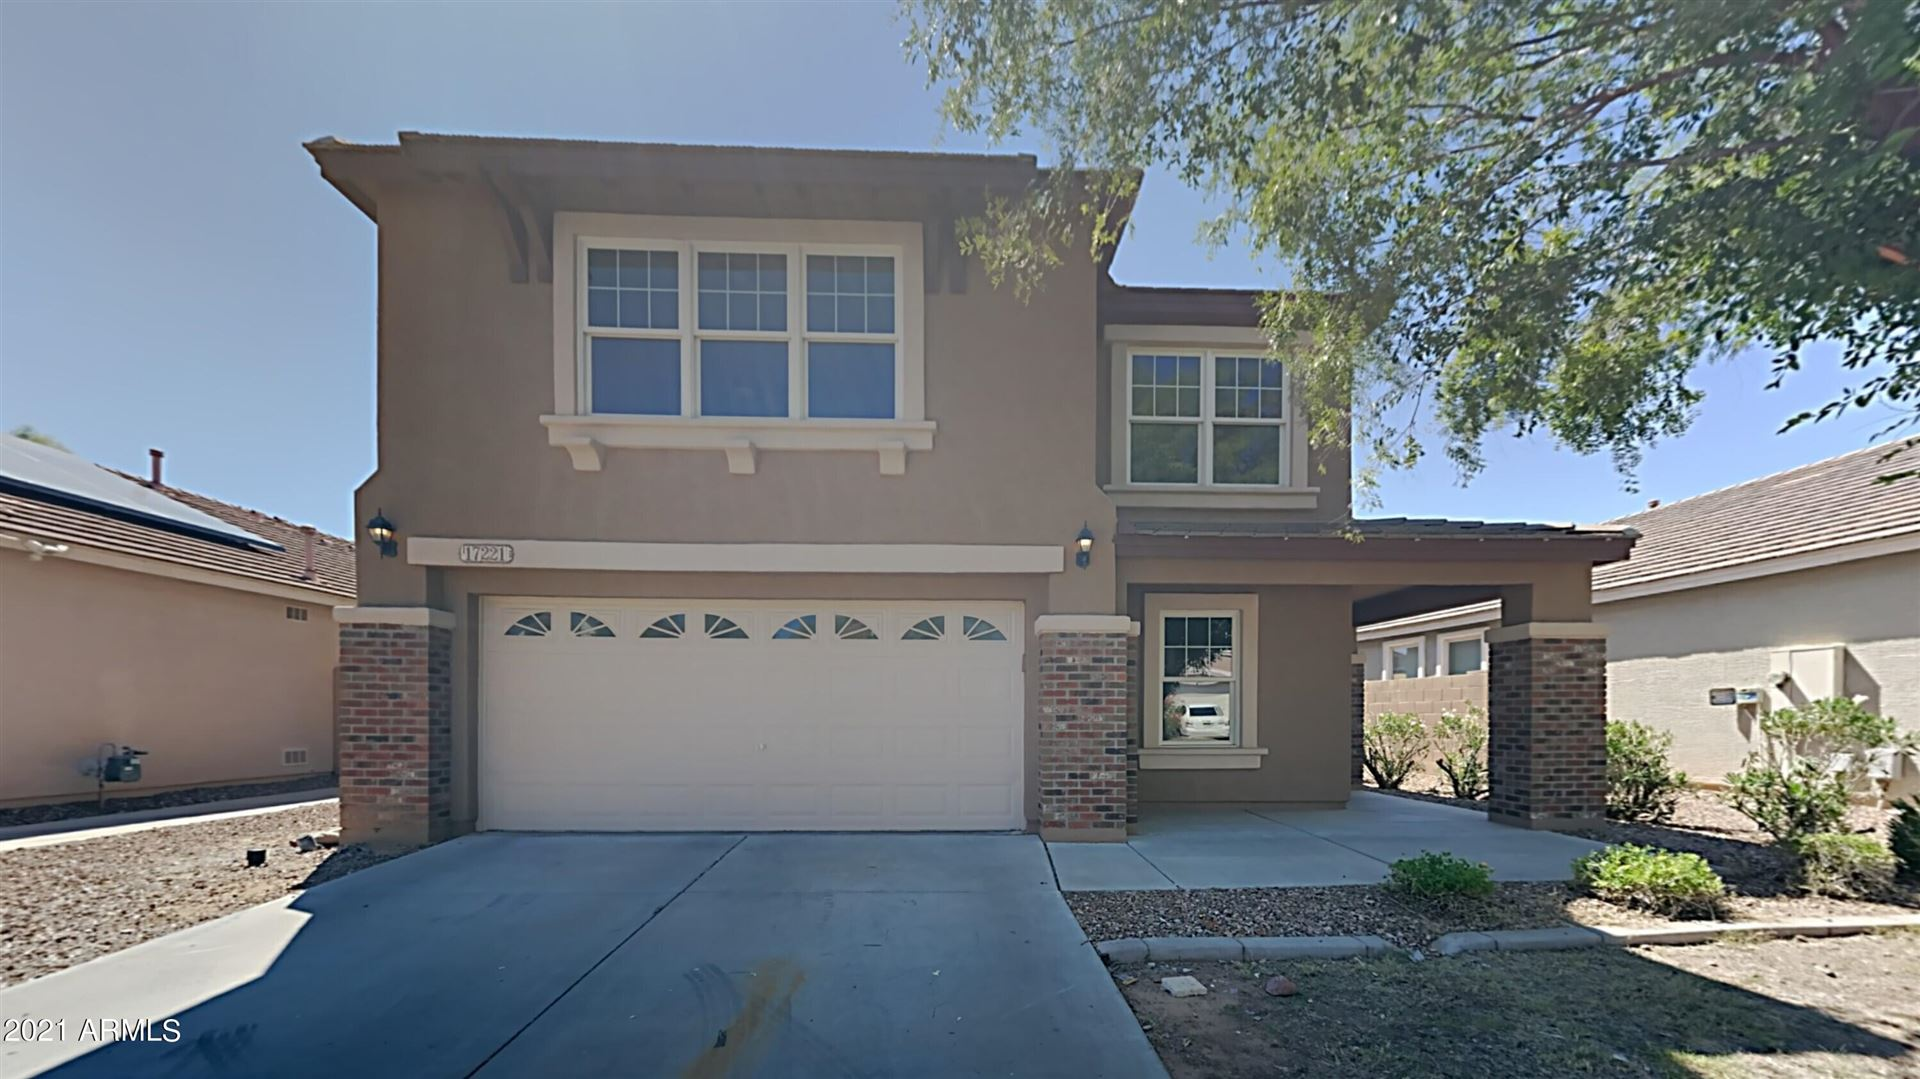 17221 W POST Drive, Surprise, AZ 85388 - MLS#: 6290172